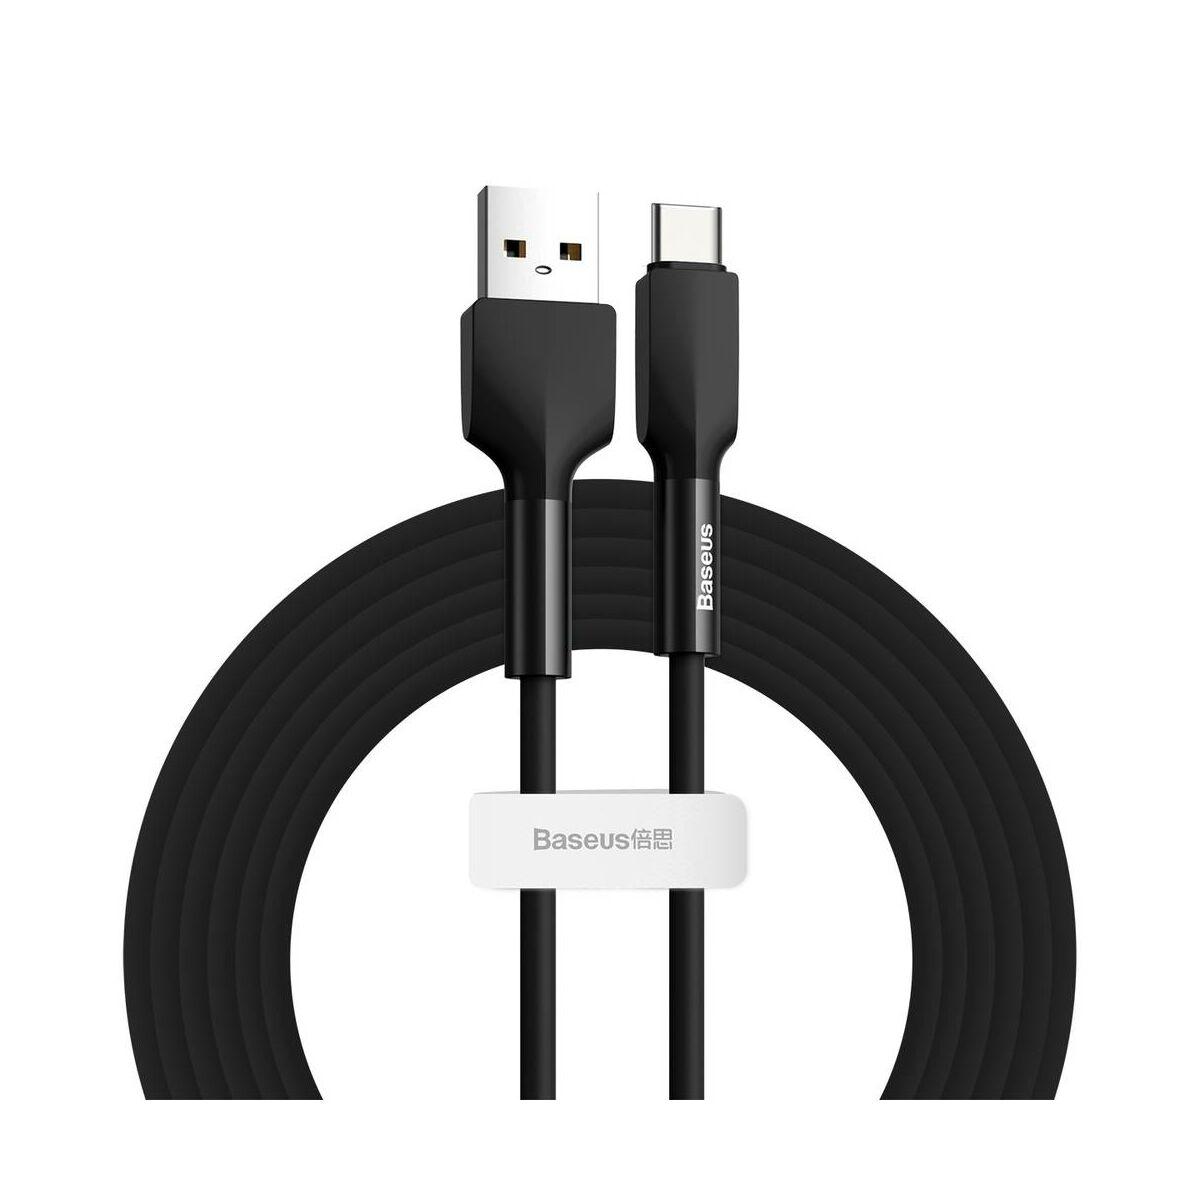 Baseus Type-C Szilikon kábel 2A, 2m, fekete (CATGJ-A01)